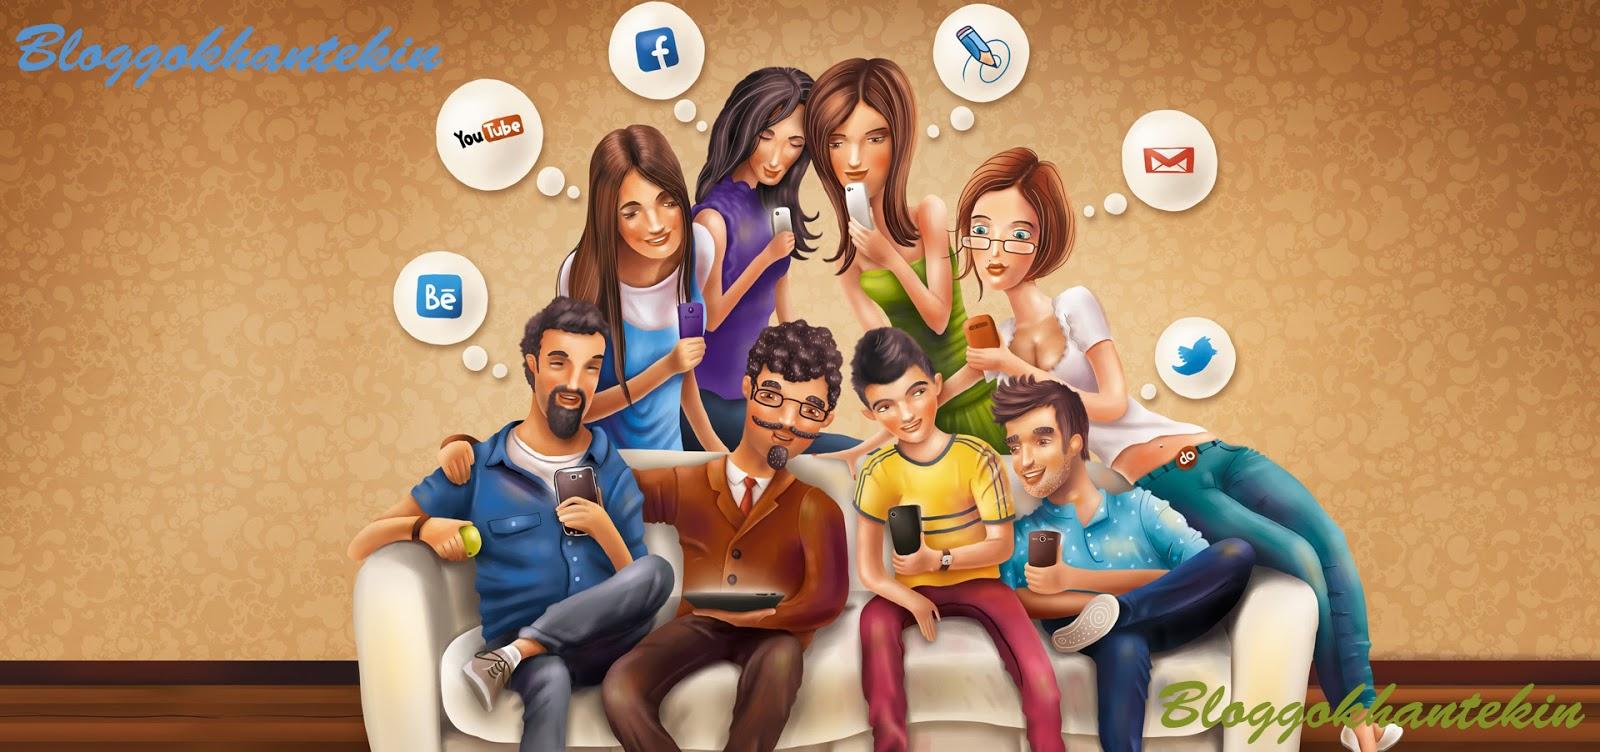 Ayrılmalara Neden Olan Sosyal Medya